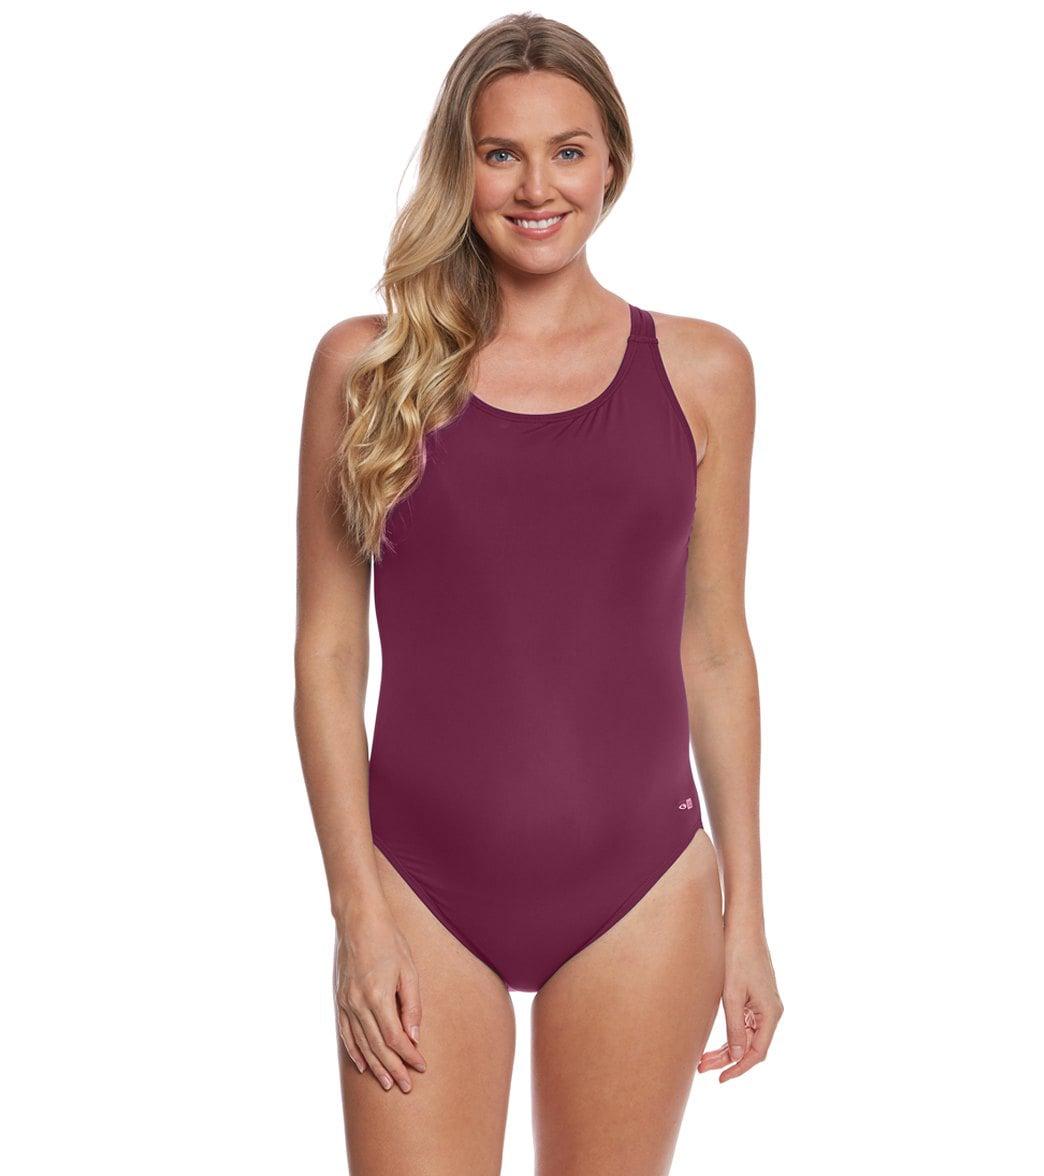 Eq Swimwear Harmony Maternity One Piece Swimsuit